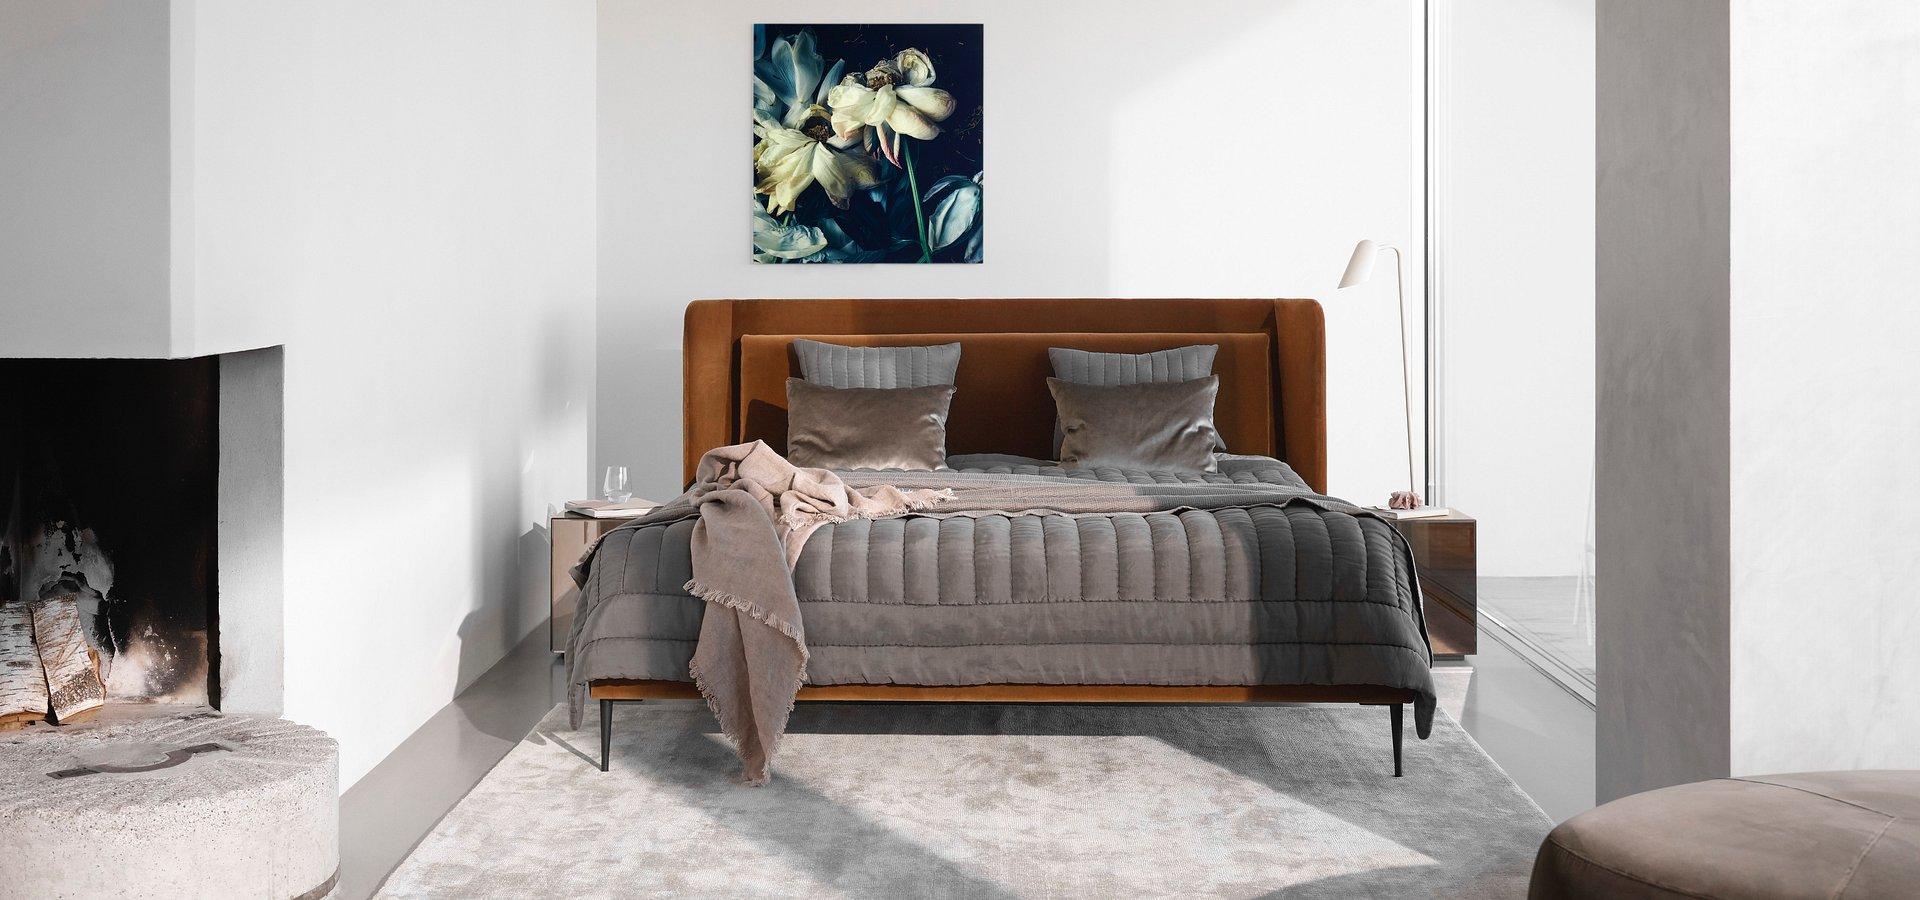 BoConcept przedstawia nowe łóżka projektu Henrika Pedersena